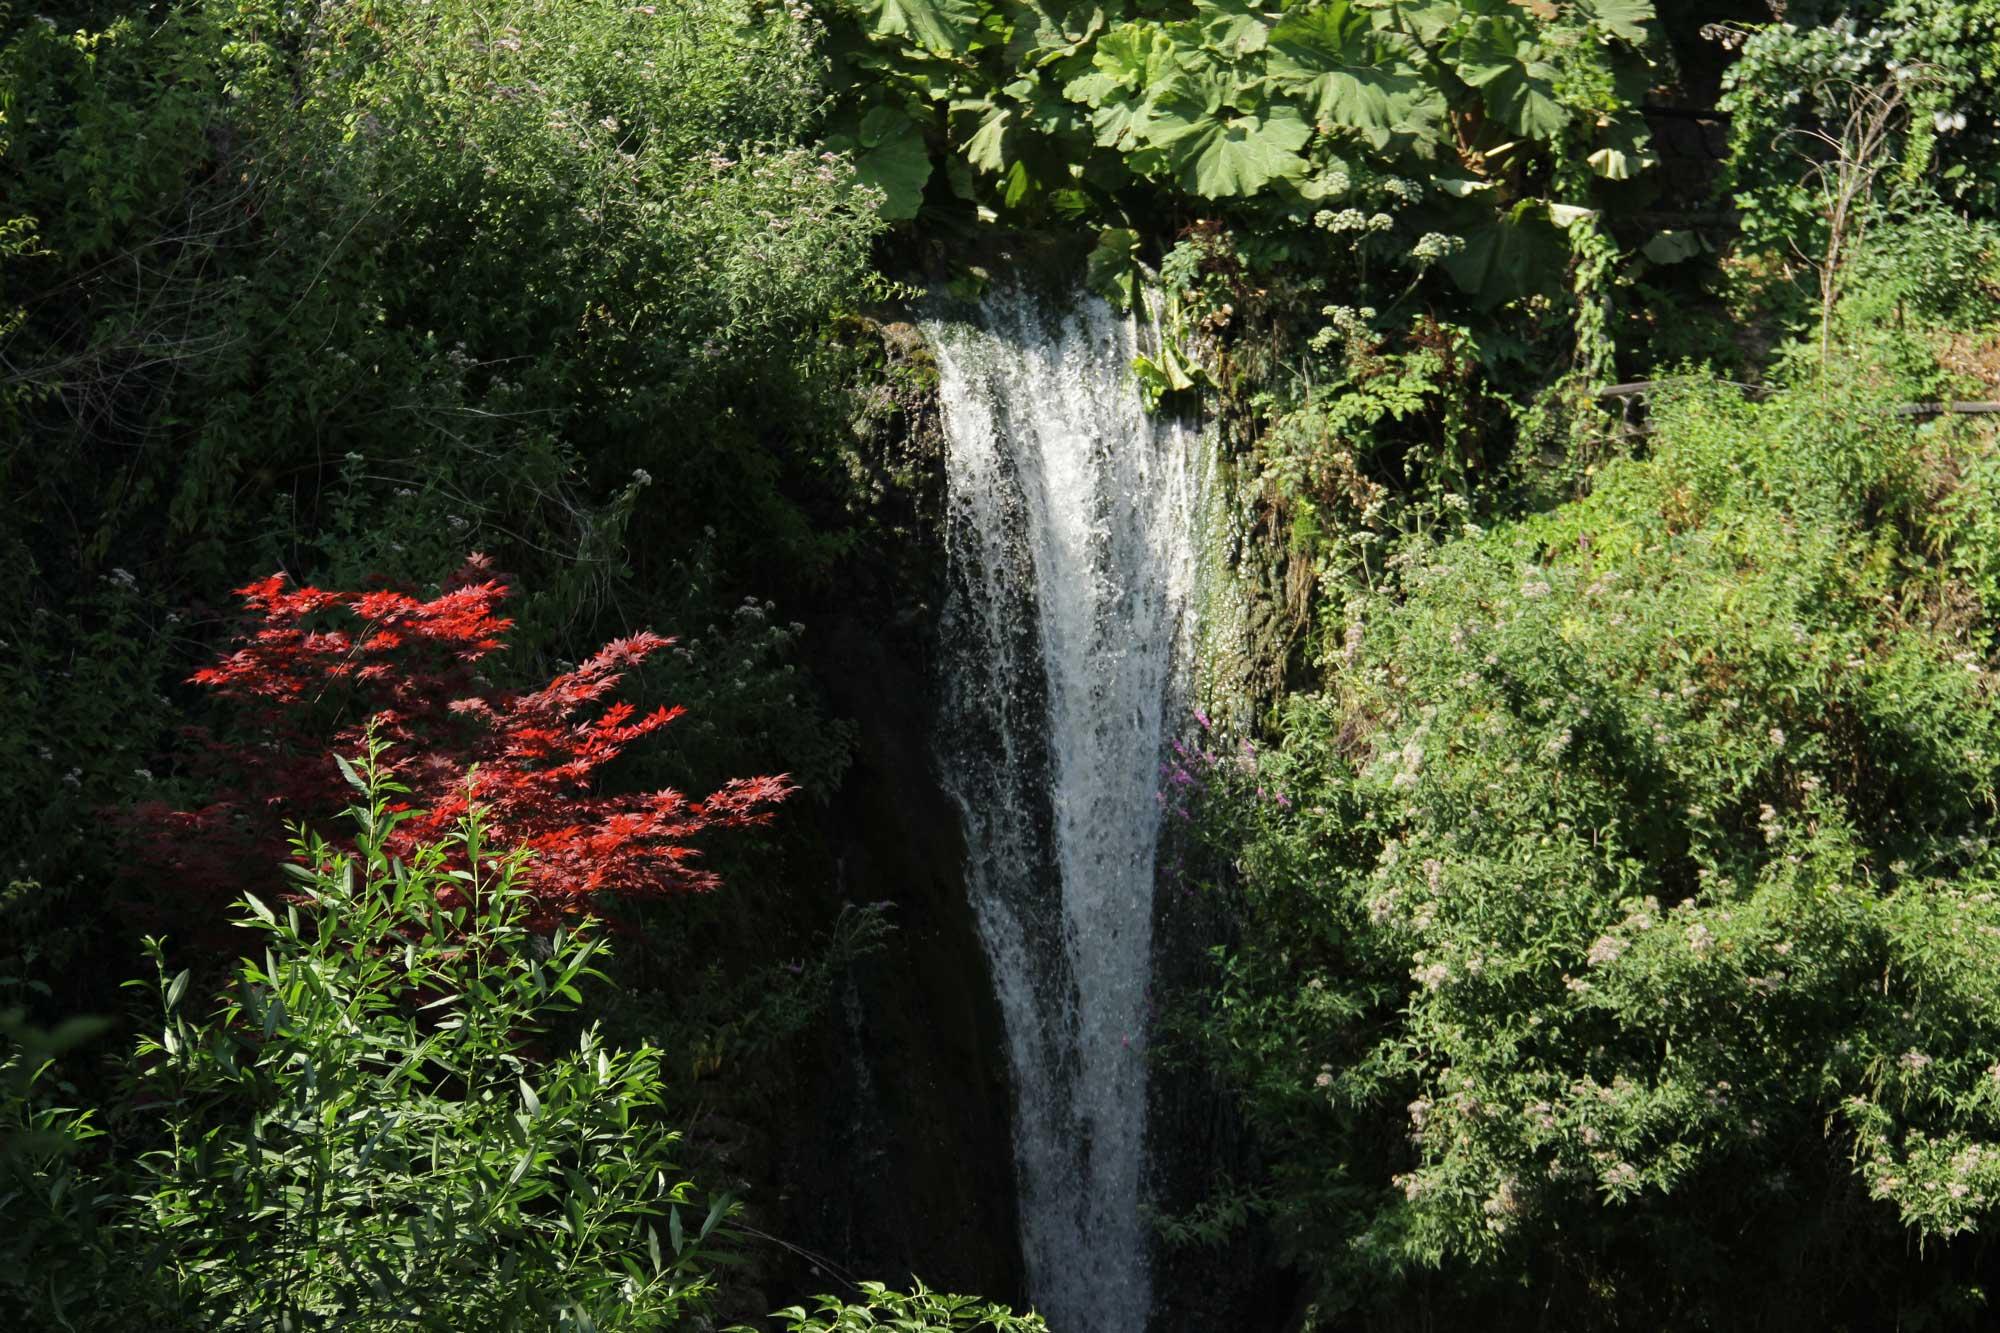 невиданной красоты водопад в тени сада